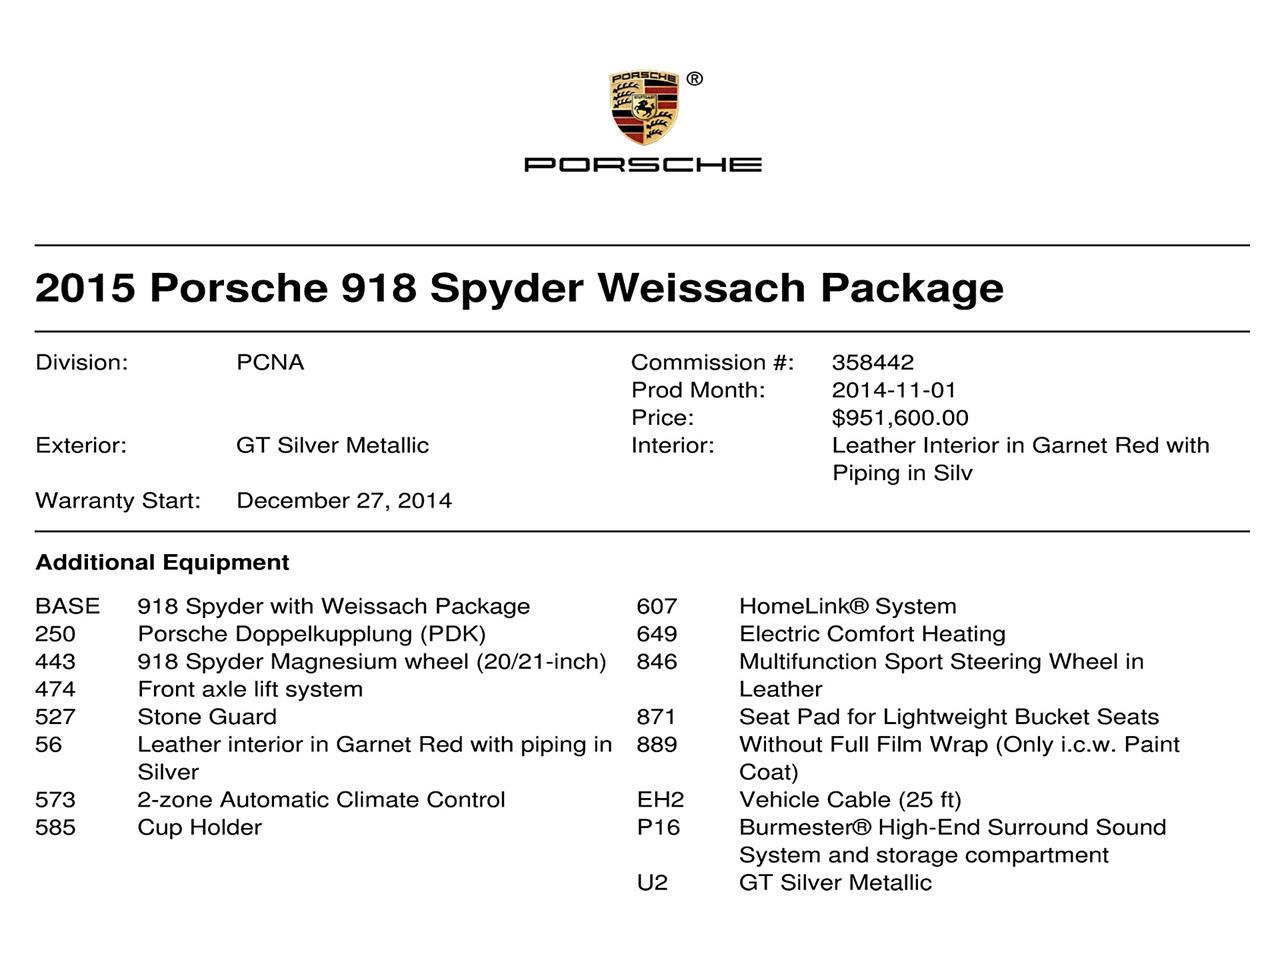 2015 Porsche 918 Spyder (CC-1363731) for sale in Valley Stream, New York